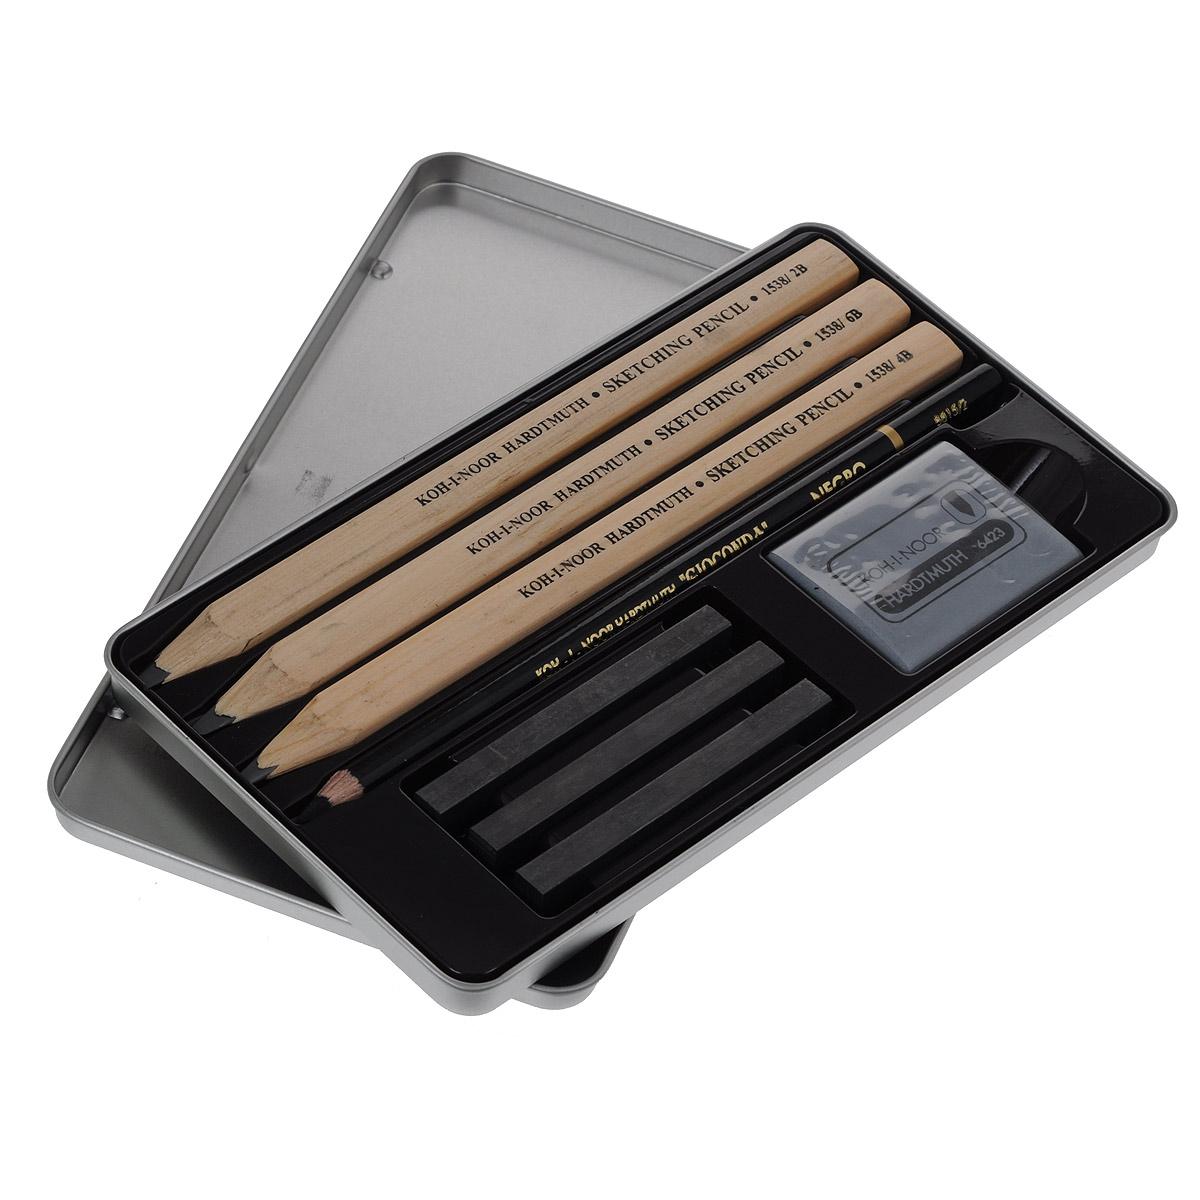 Набор для черчения Koh-i-Noor Gioconda, 8 предметов72523WDПрофессиональный набор для черчения Koh-i-Noor Gioconda состоит из 3 трехгранных чернографитных карандашей (2В, 4В, 6В), угольного карандаша Gioconda Negro, 3 графитовых стержней без дерева (2В, 4В, 6В), и ластика. Графитовый стержень имеет высокую степень прочности, легко затачивается любой точилкой. Предметы набора располагаются в металлическом пенале с откидной крышкой. Набор предназначен для профессионального художественного творчества.